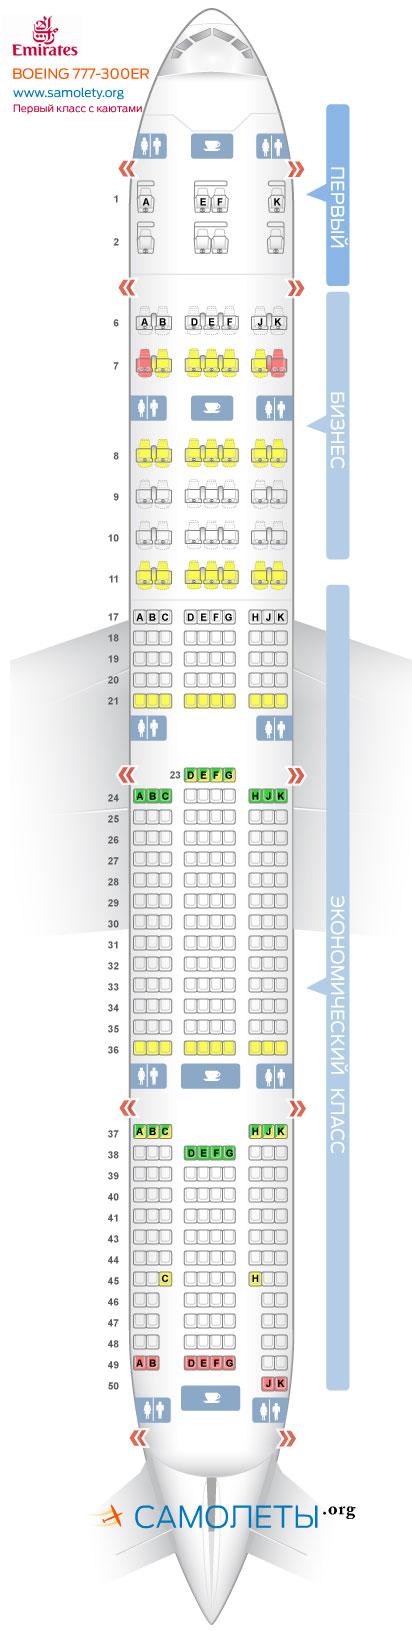 Схема Boeing 777-300ER